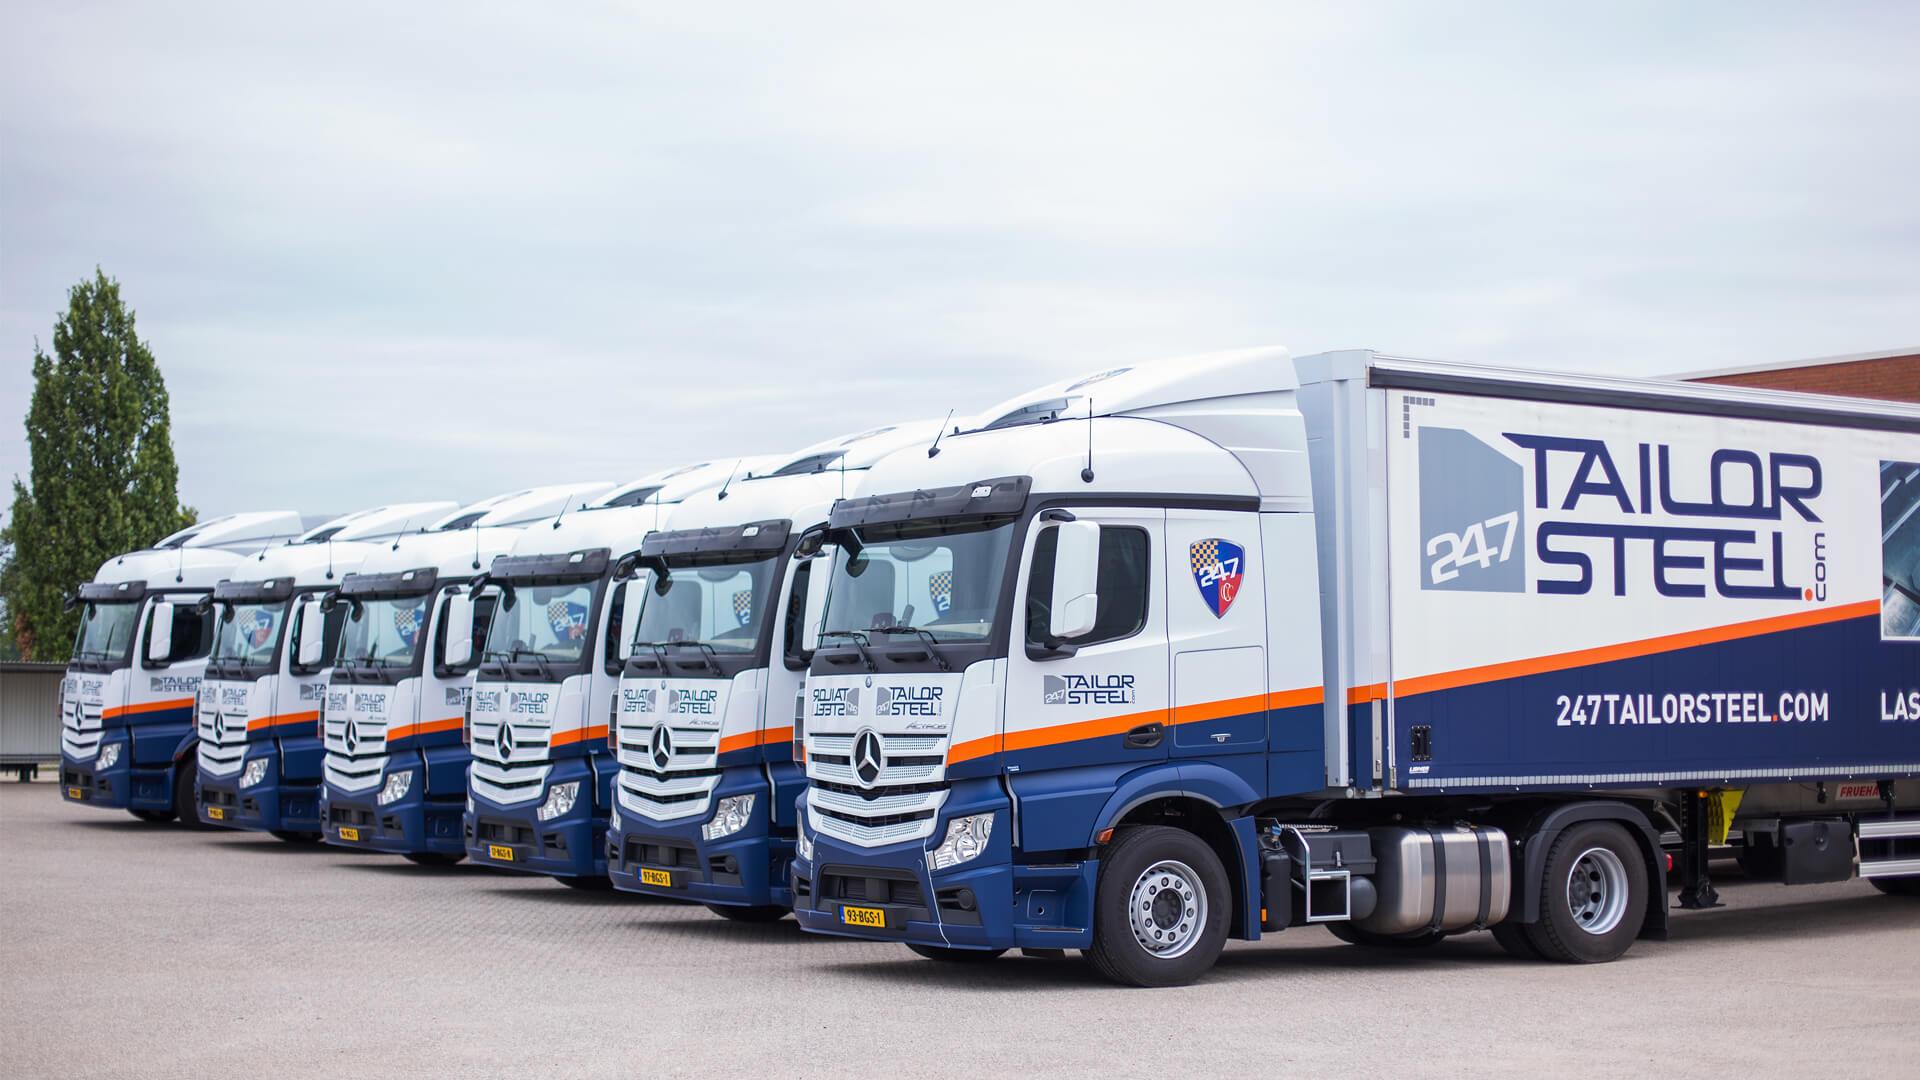 Metaalnieuws: Gevestigd 247TailorSteel met eigen vrachtwagens de weg op